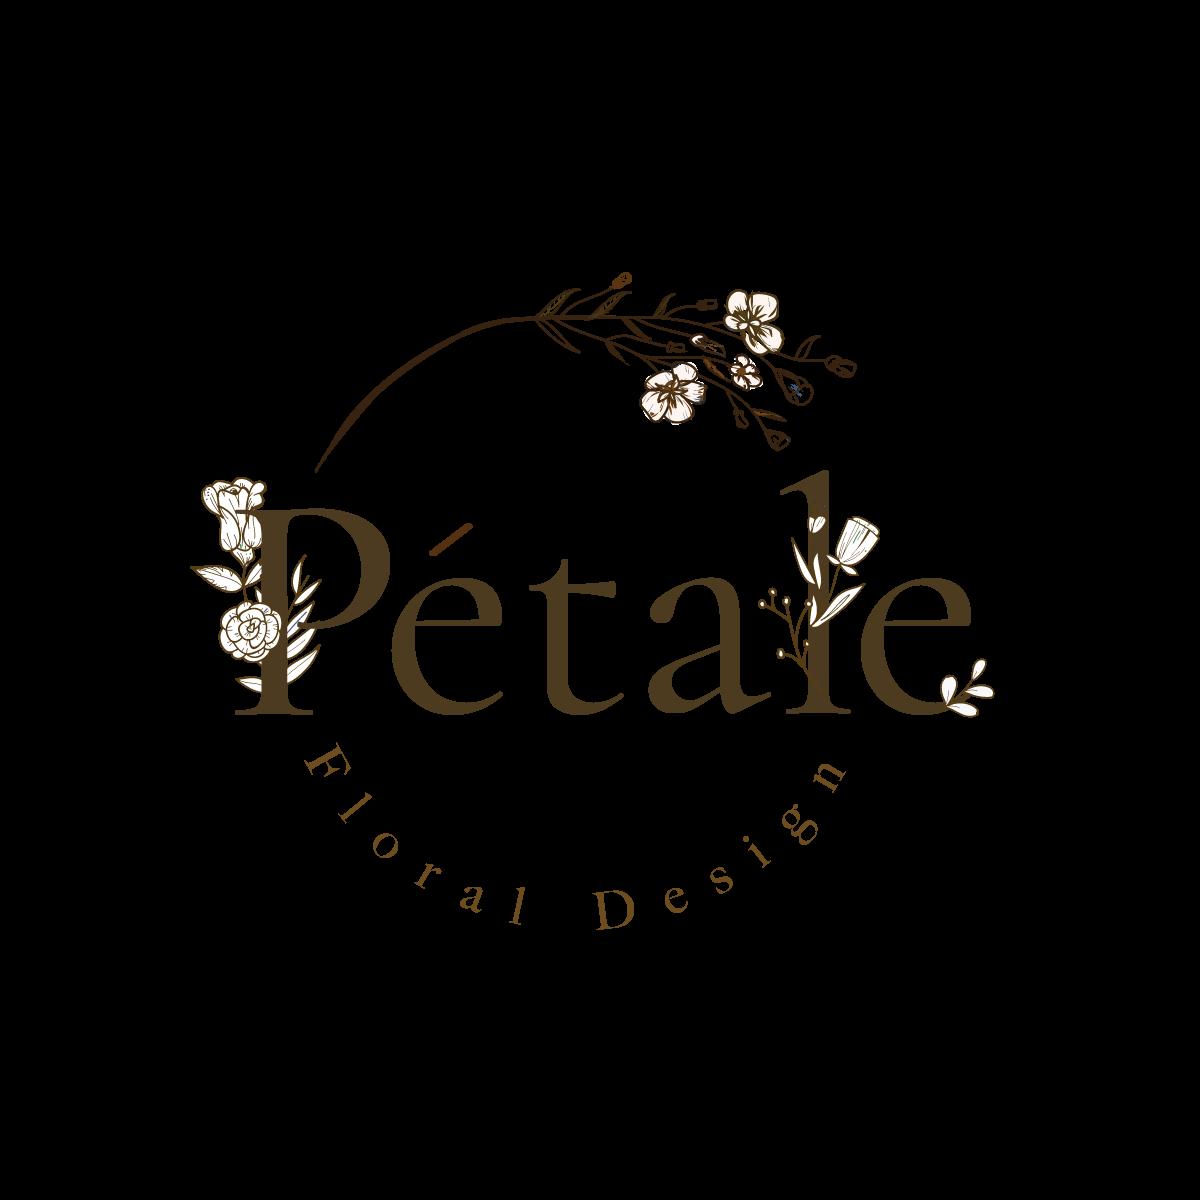 ร้านดอกไม้ Petale Bangkok